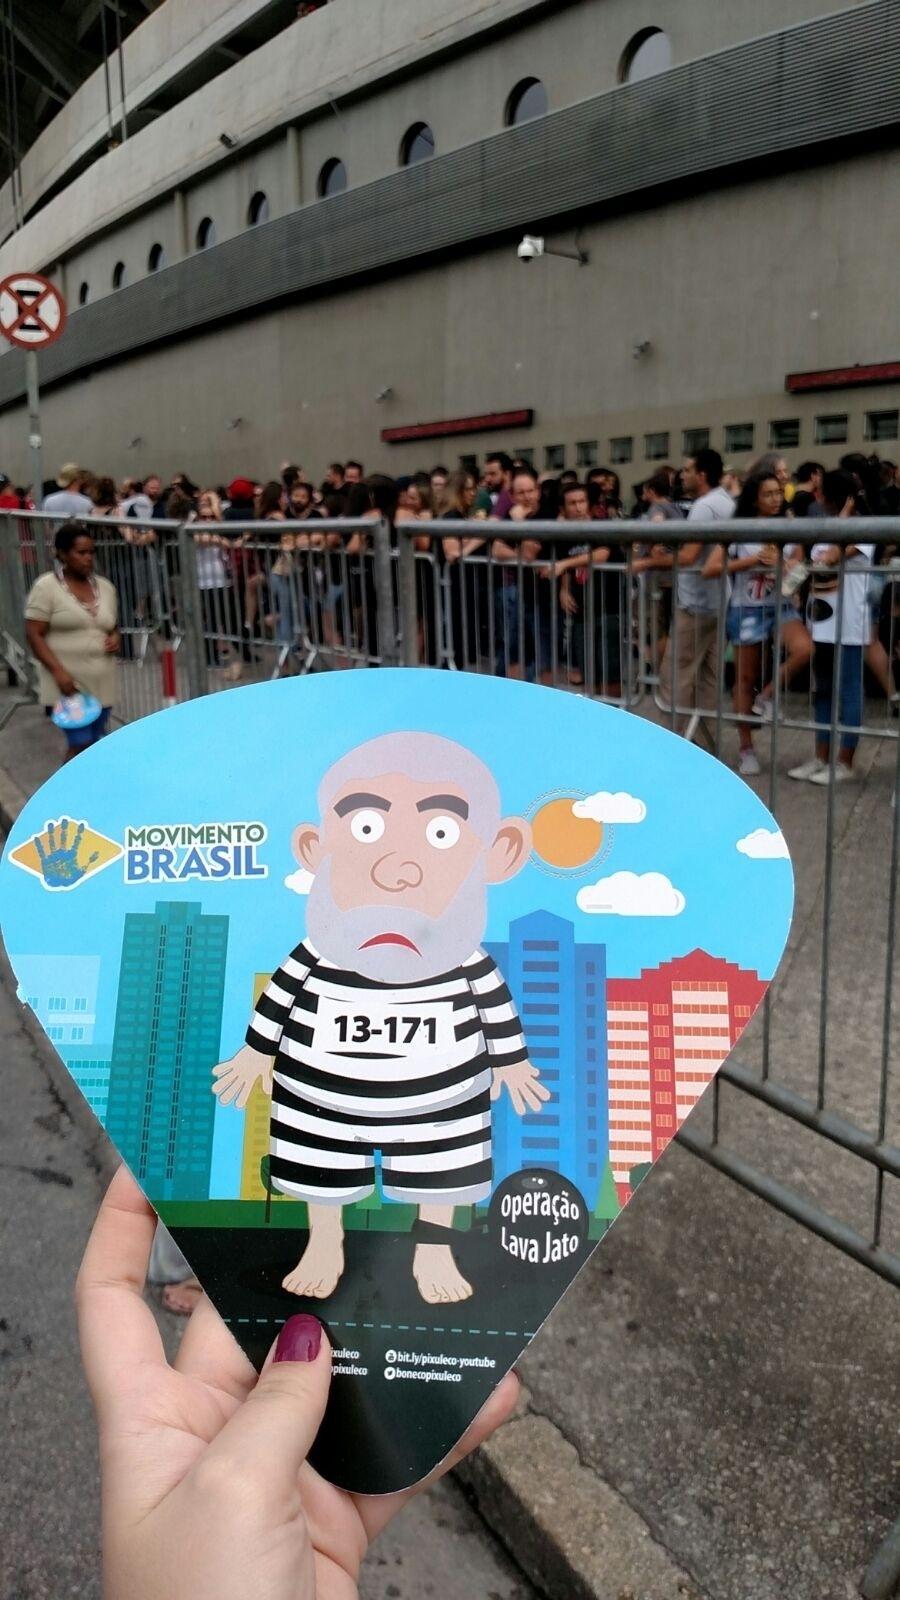 27.fev.2016 - Militantes distribuem panfletes em frente ao estádio do Morumbi, em São Paulo, antes do show dos Rolling Stones, convocando as pessoas para uma manifestação contra a corrupção